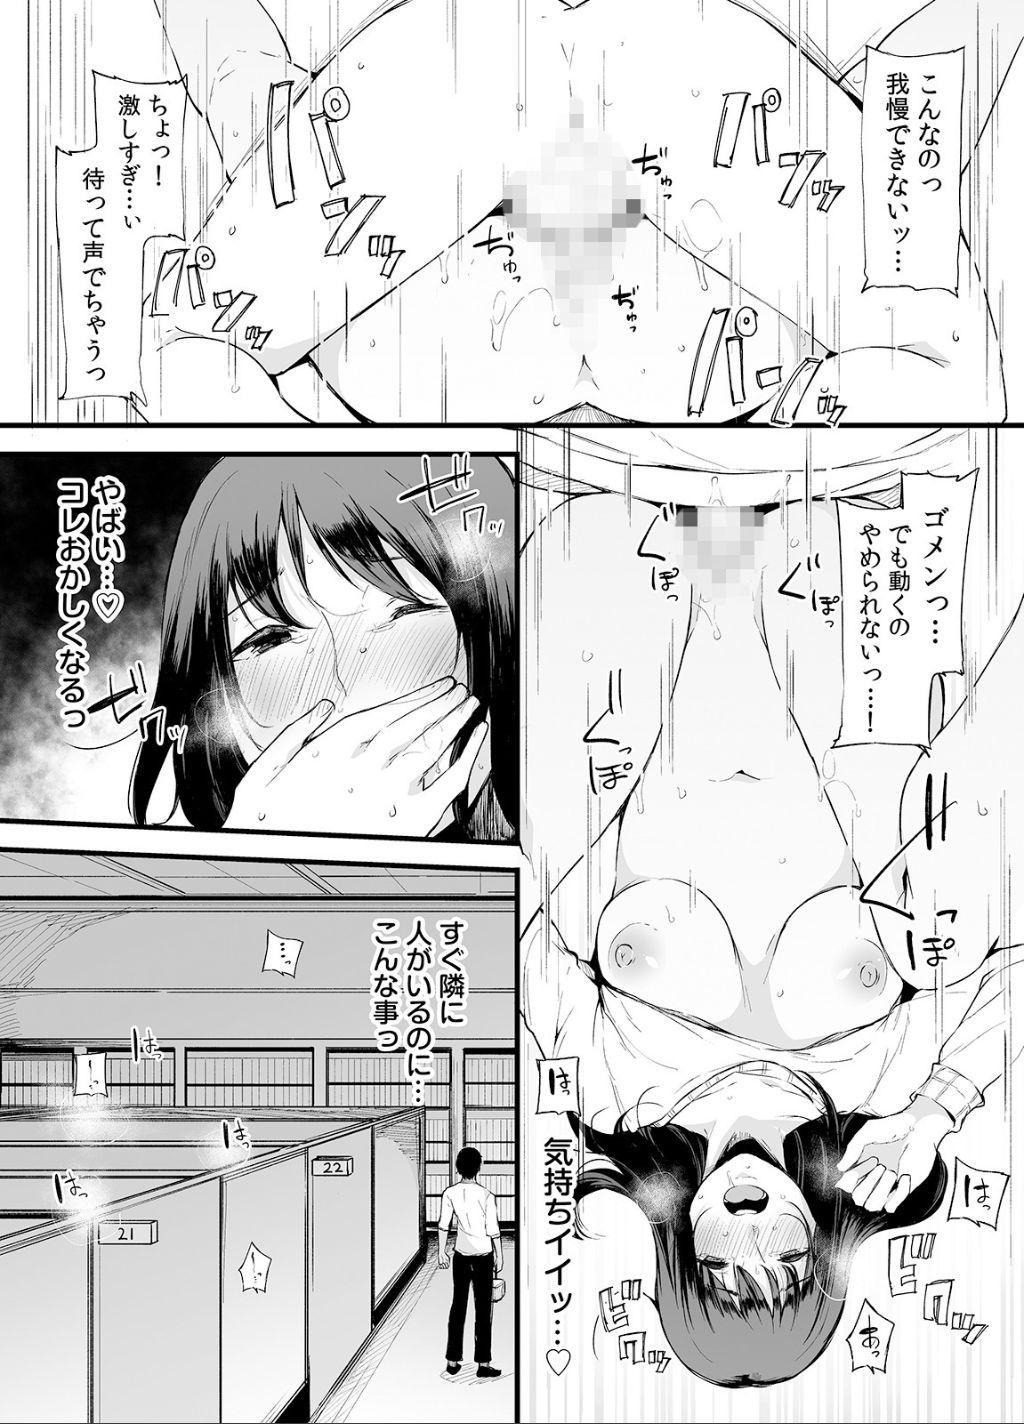 Otouto ni Ero Manga to Onaji Koto o Sare Chau o Nee-chan no Hanashi 2 14